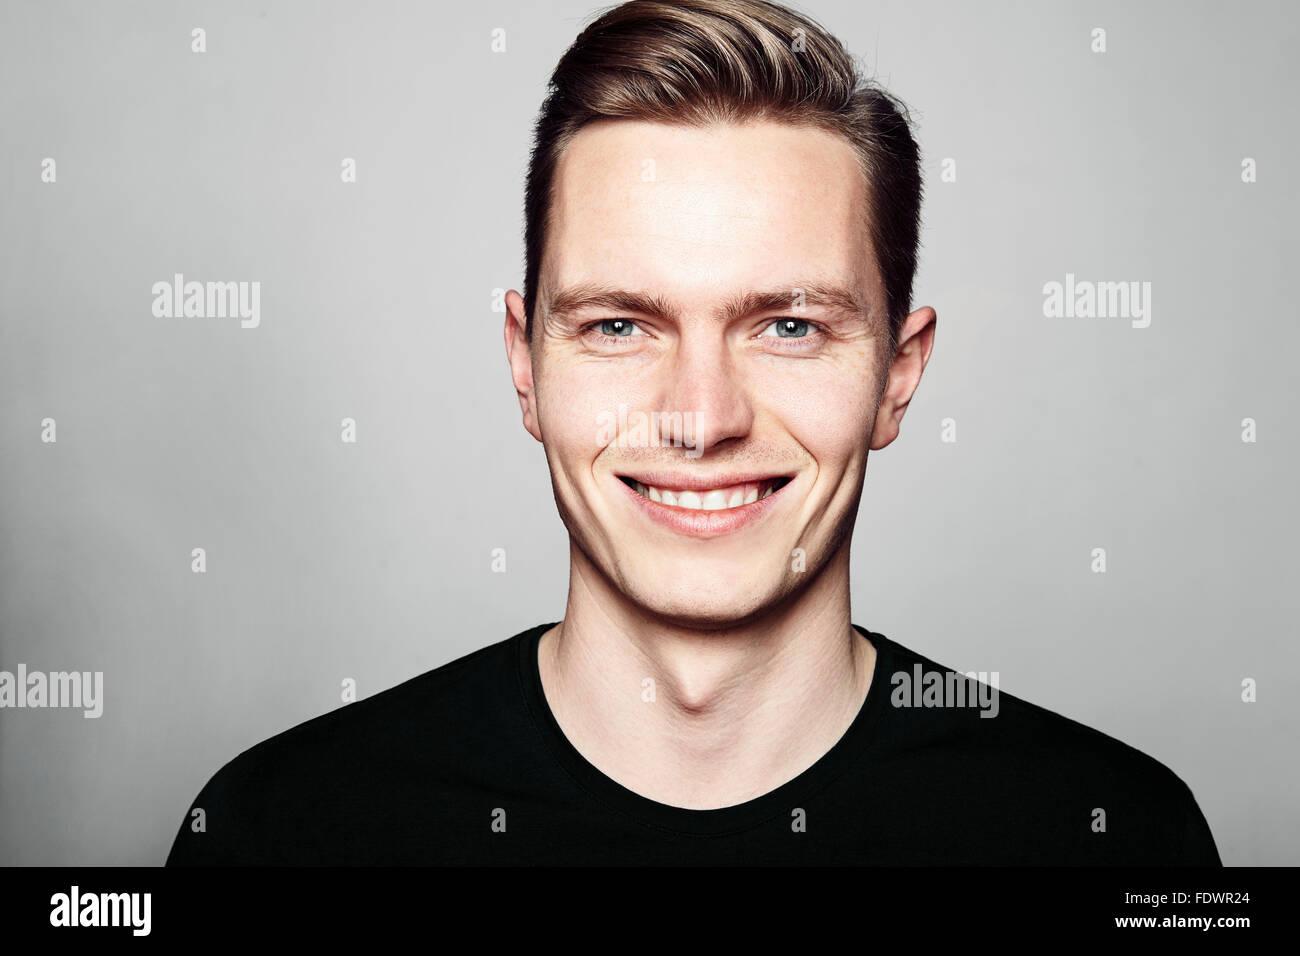 Studioaufnahme des Jünglings lächelnd zu Kamera. Isoliert auf weißem Hintergrund. Querformat, er Stockbild